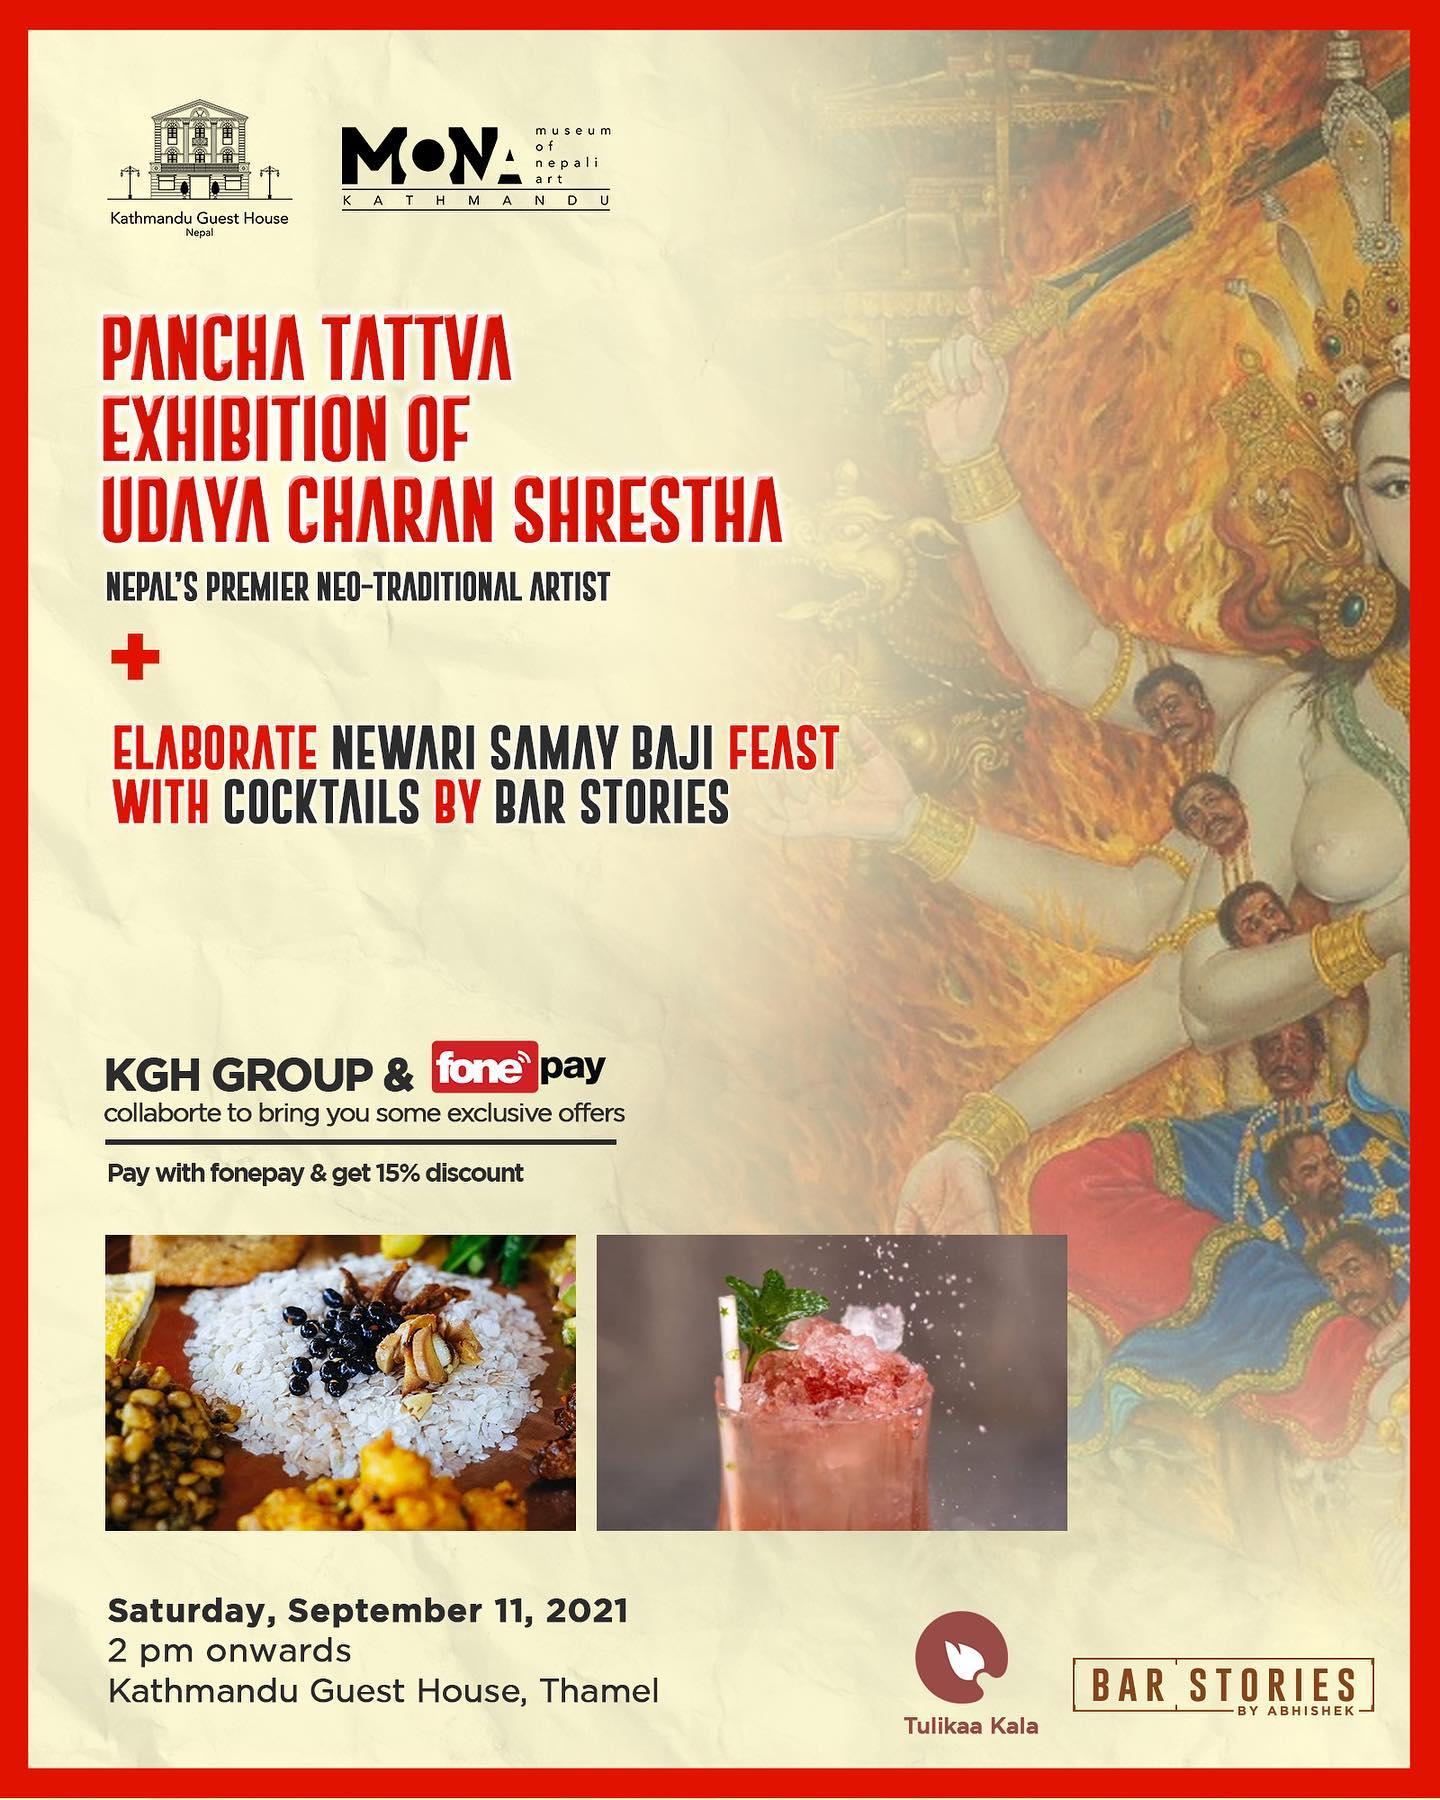 photokipa, Museum of Nepali Art